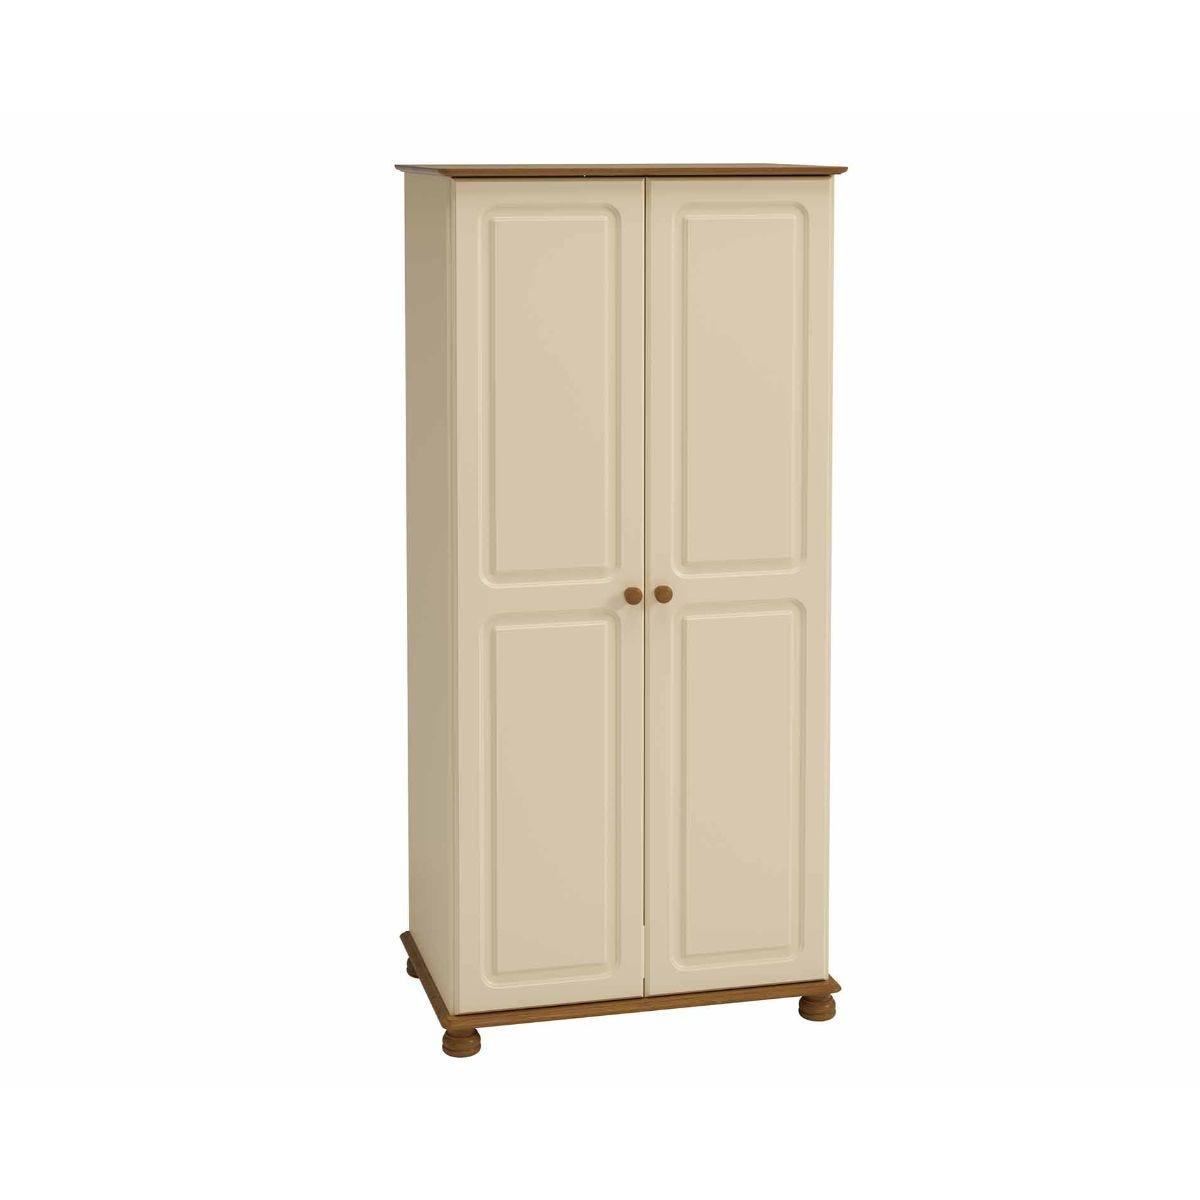 Steens Richmond 2 Door Wardrobe, Cream